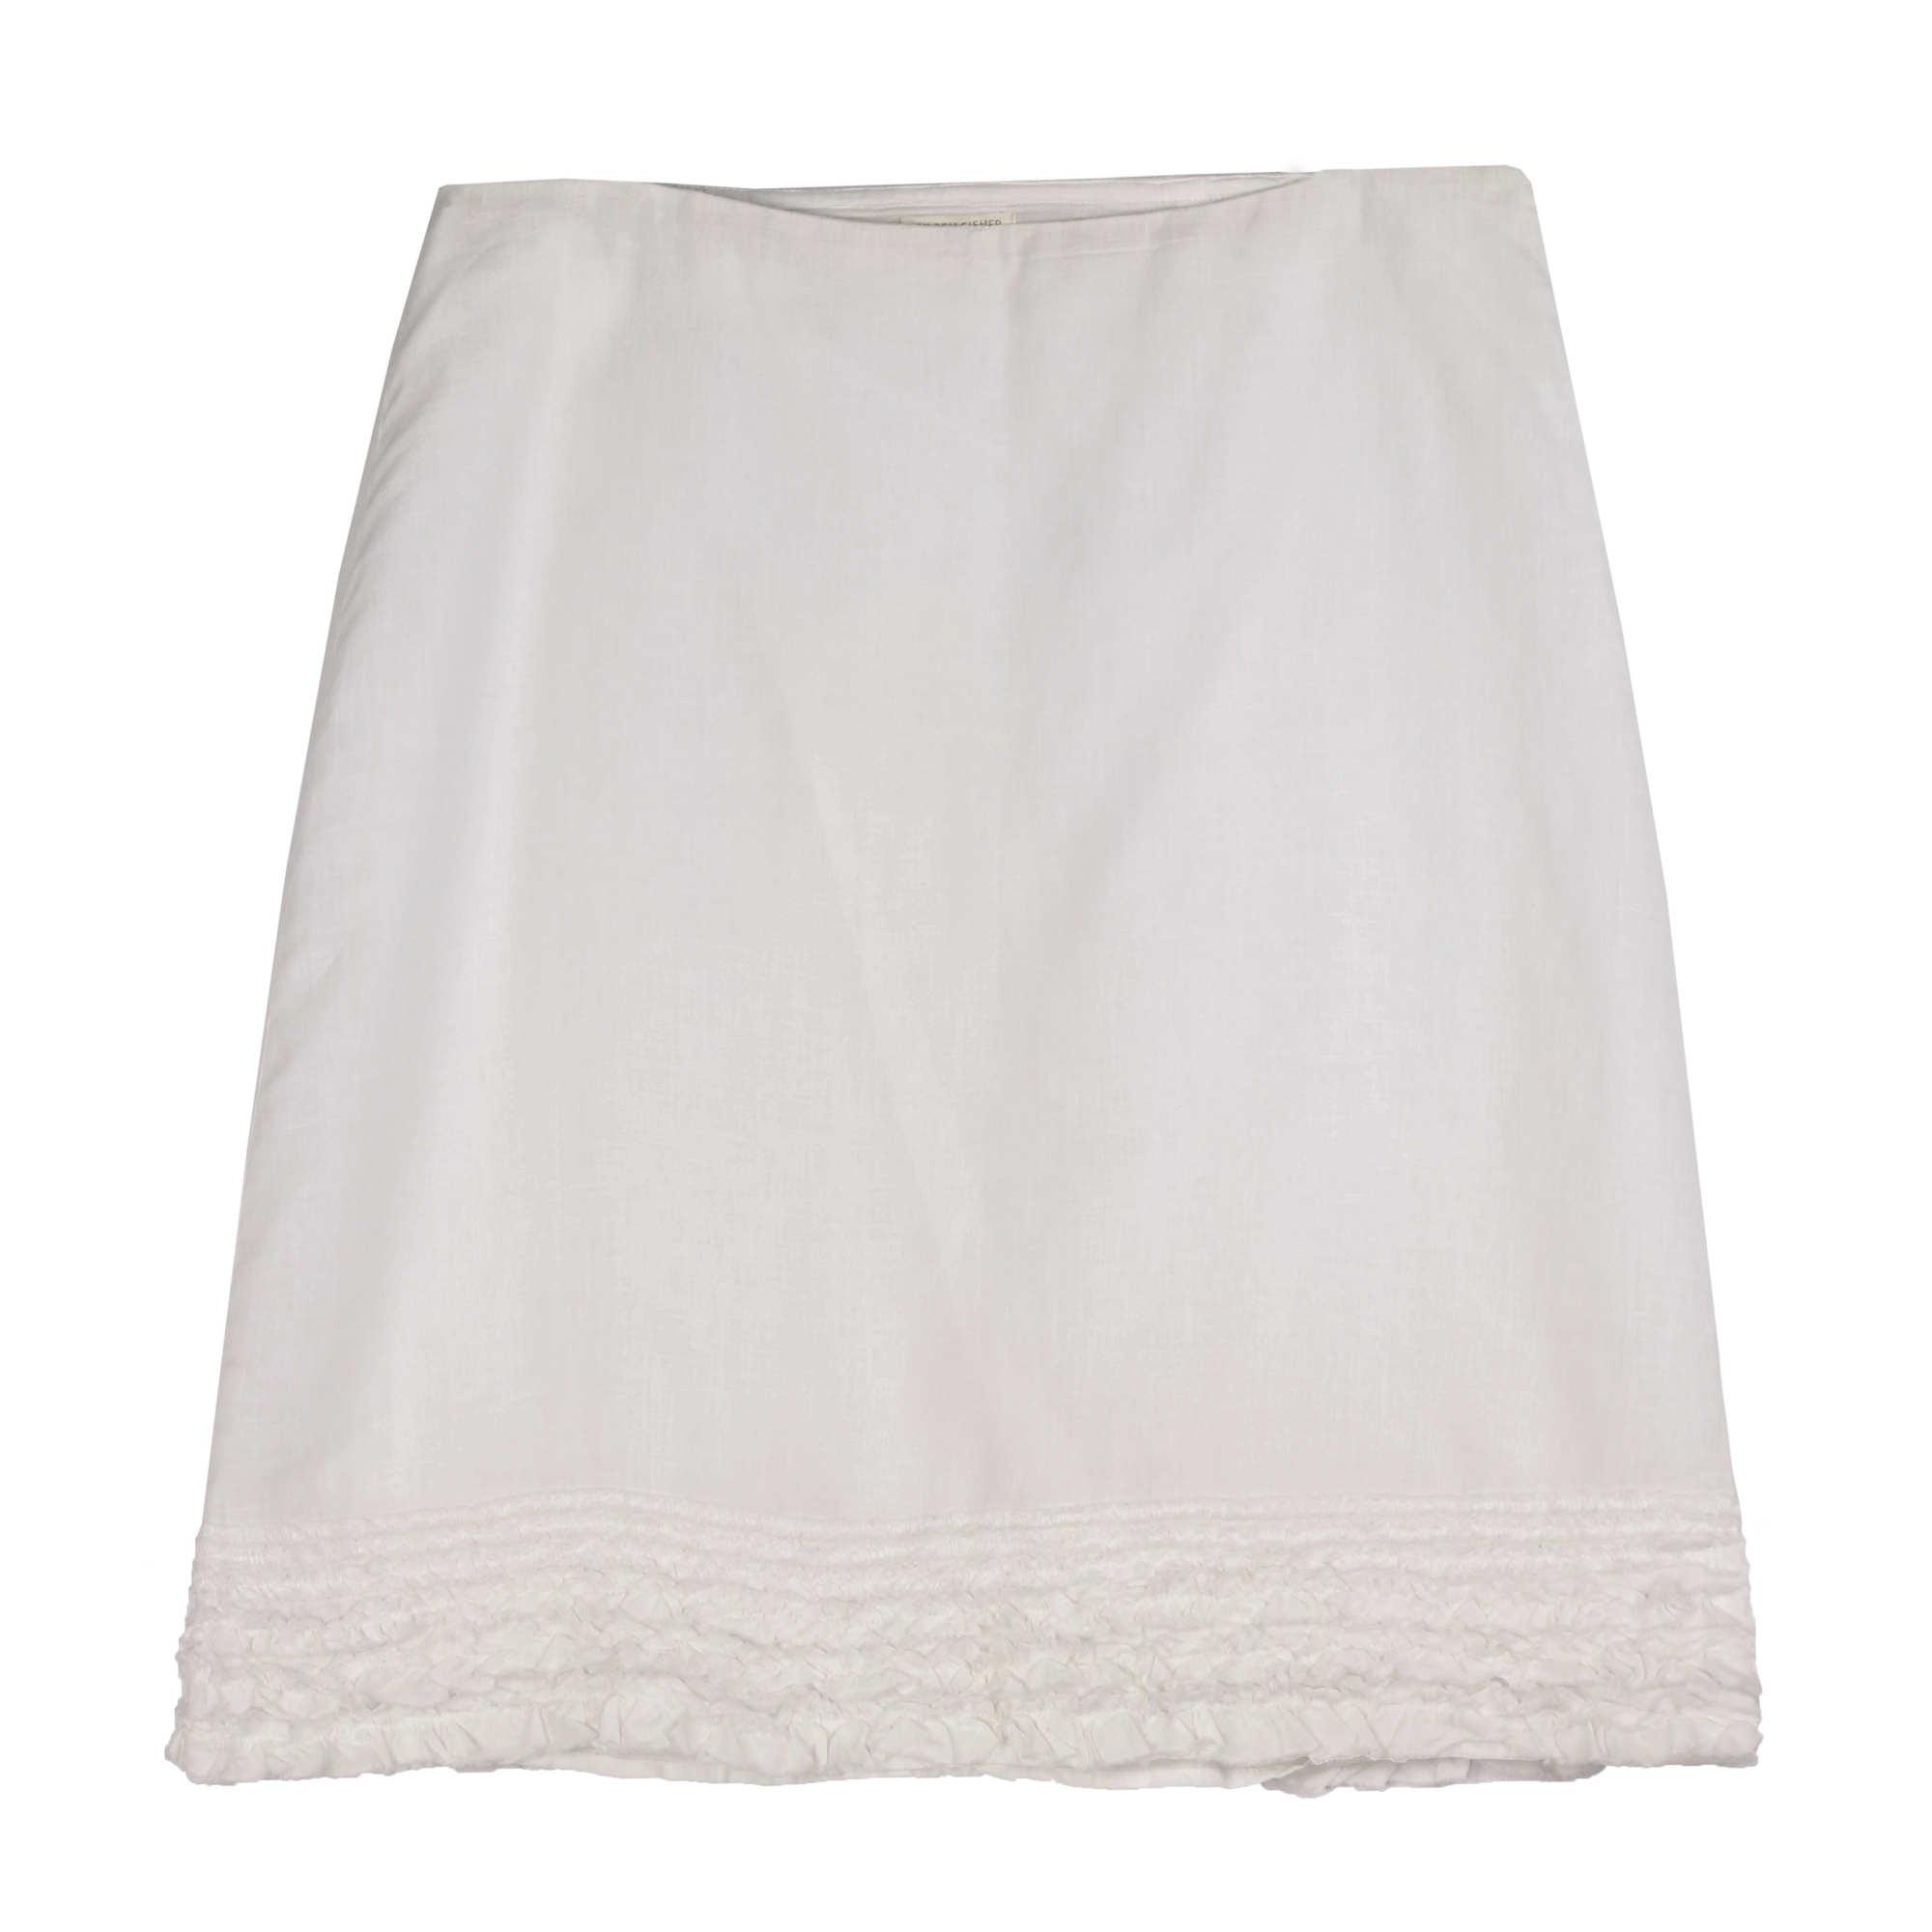 Handkerchief Linen Skirt